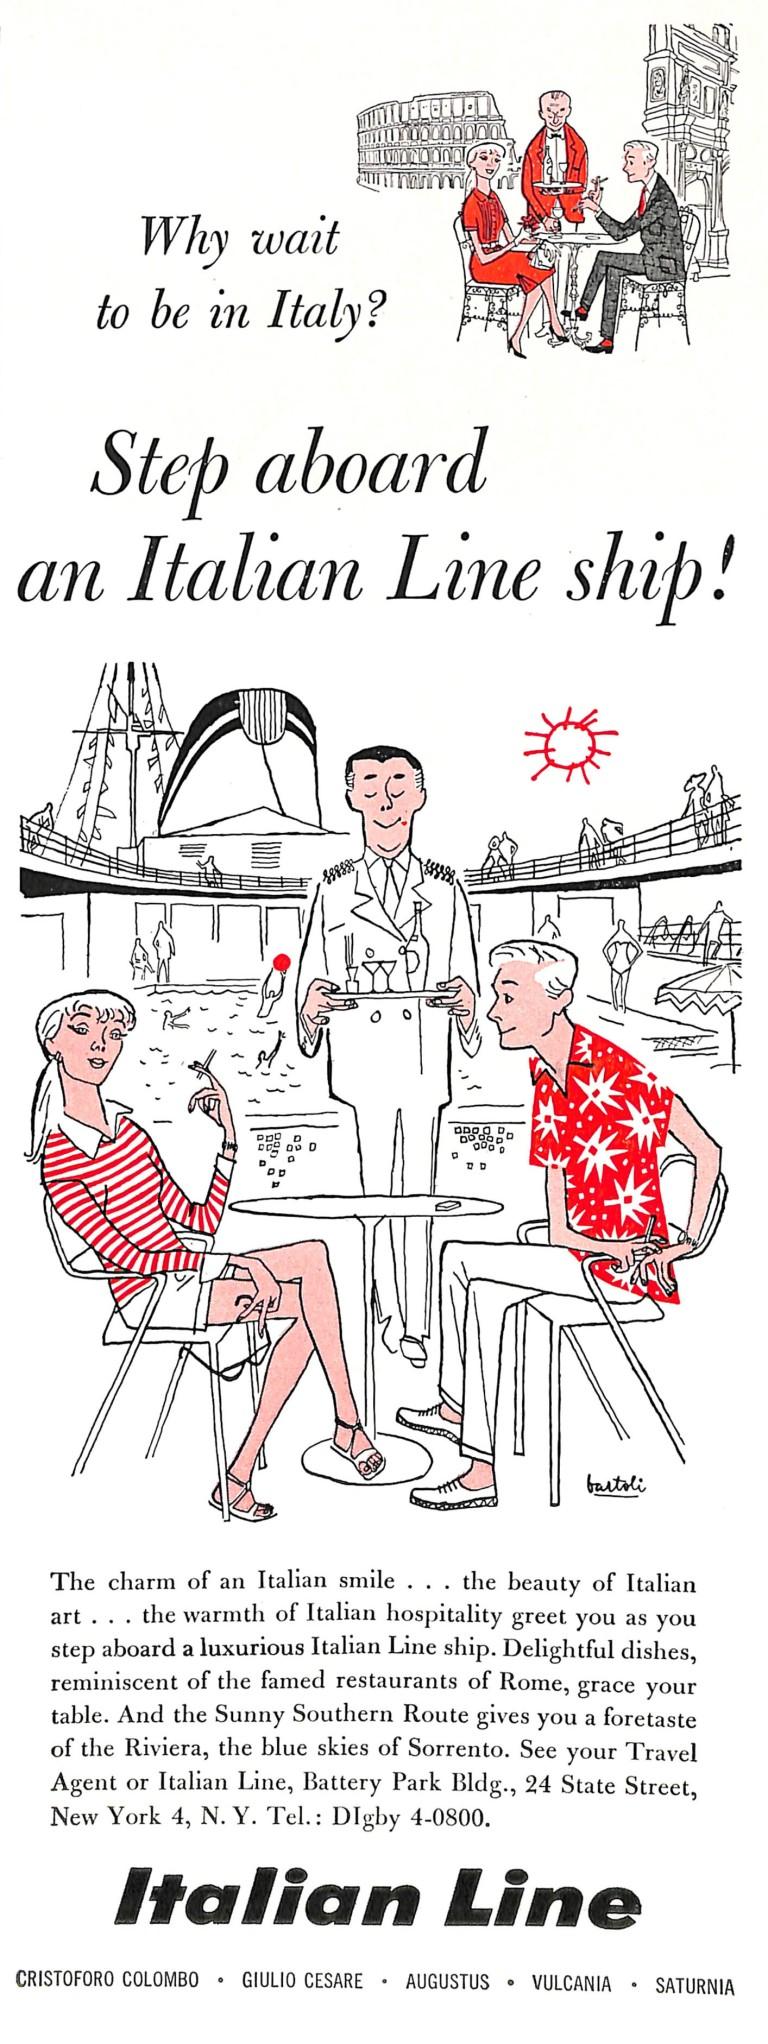 harpers-bazaar-april-1957-233-43c